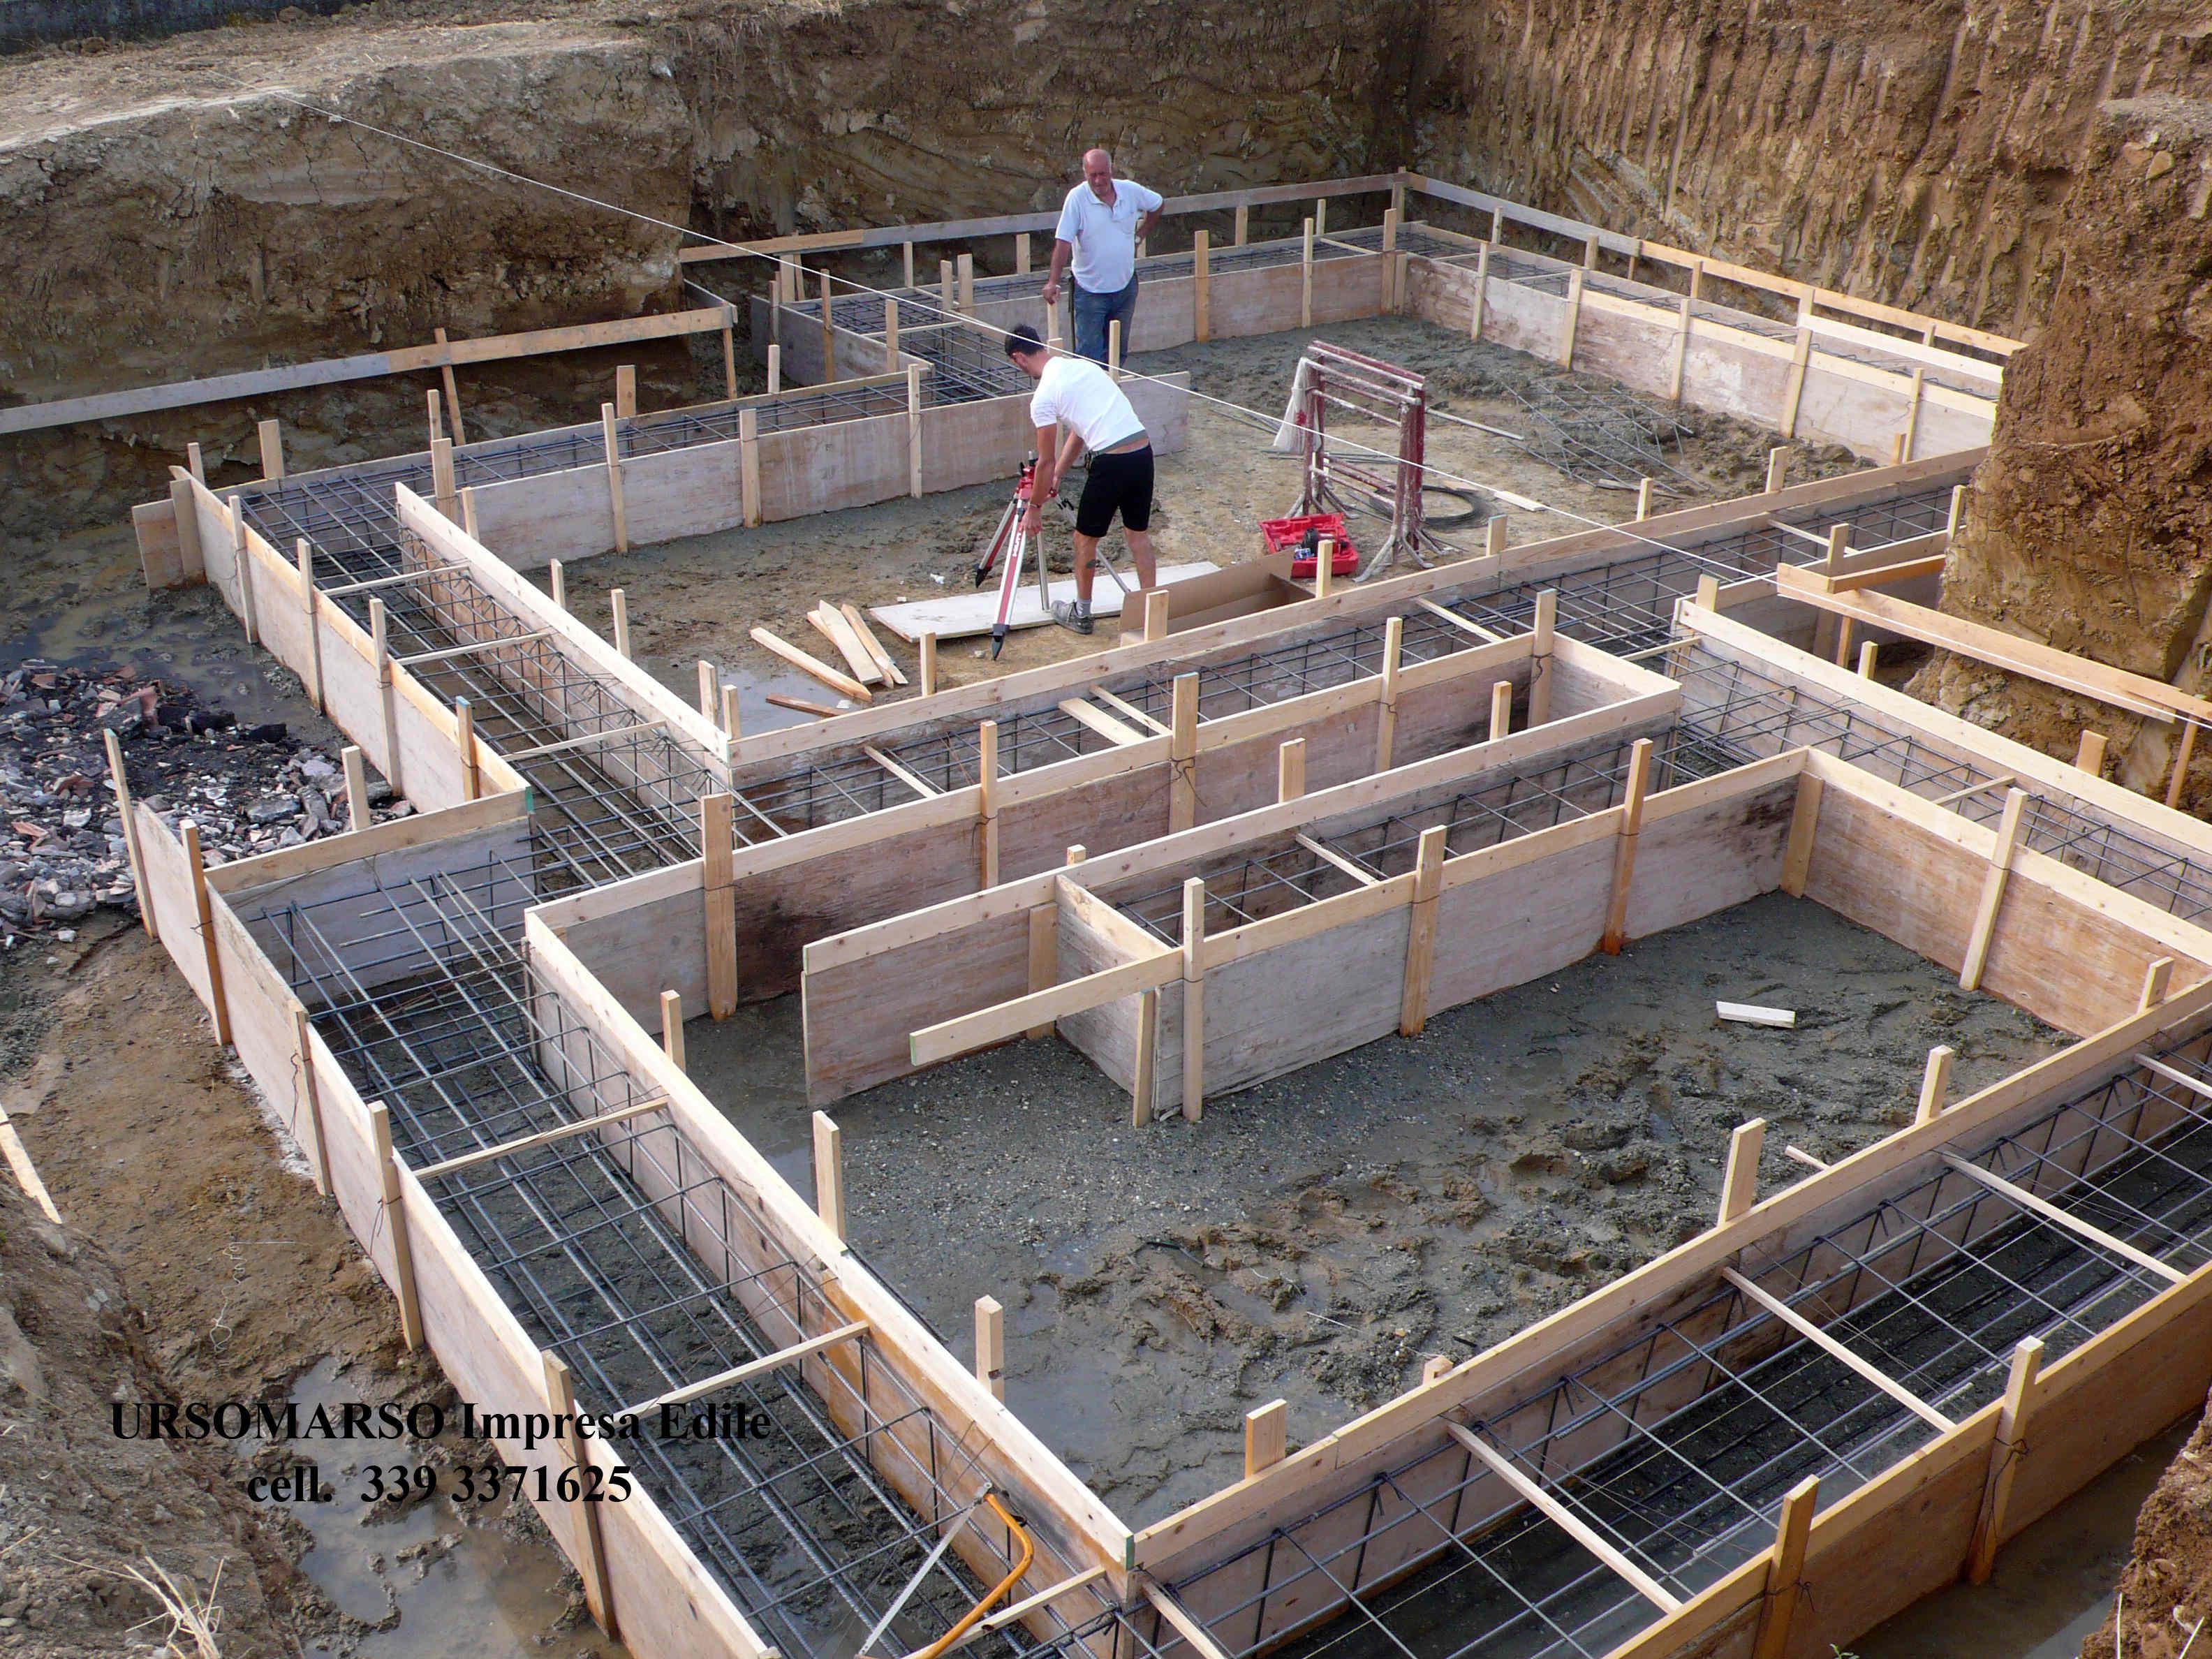 Fondamenta3 ursomarso costruzioni for I costruttori costano per costruire una casa